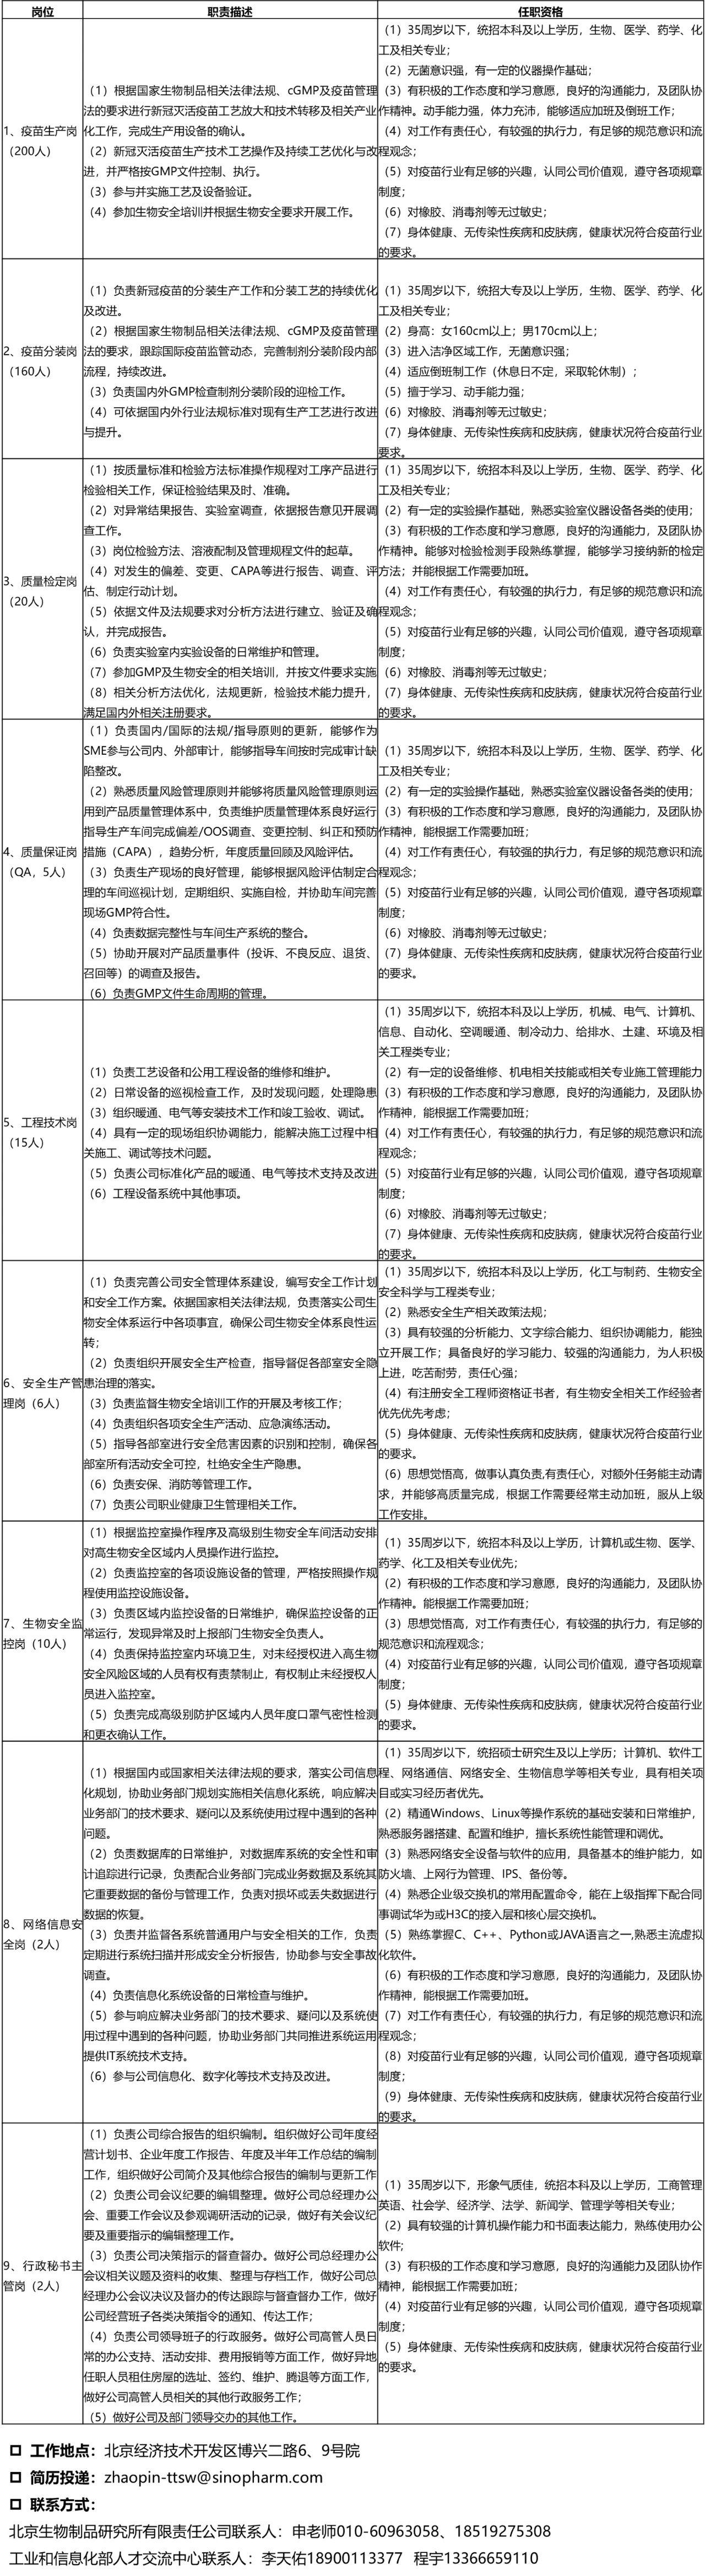 北京生物制品研究所有限责任公司招聘通知